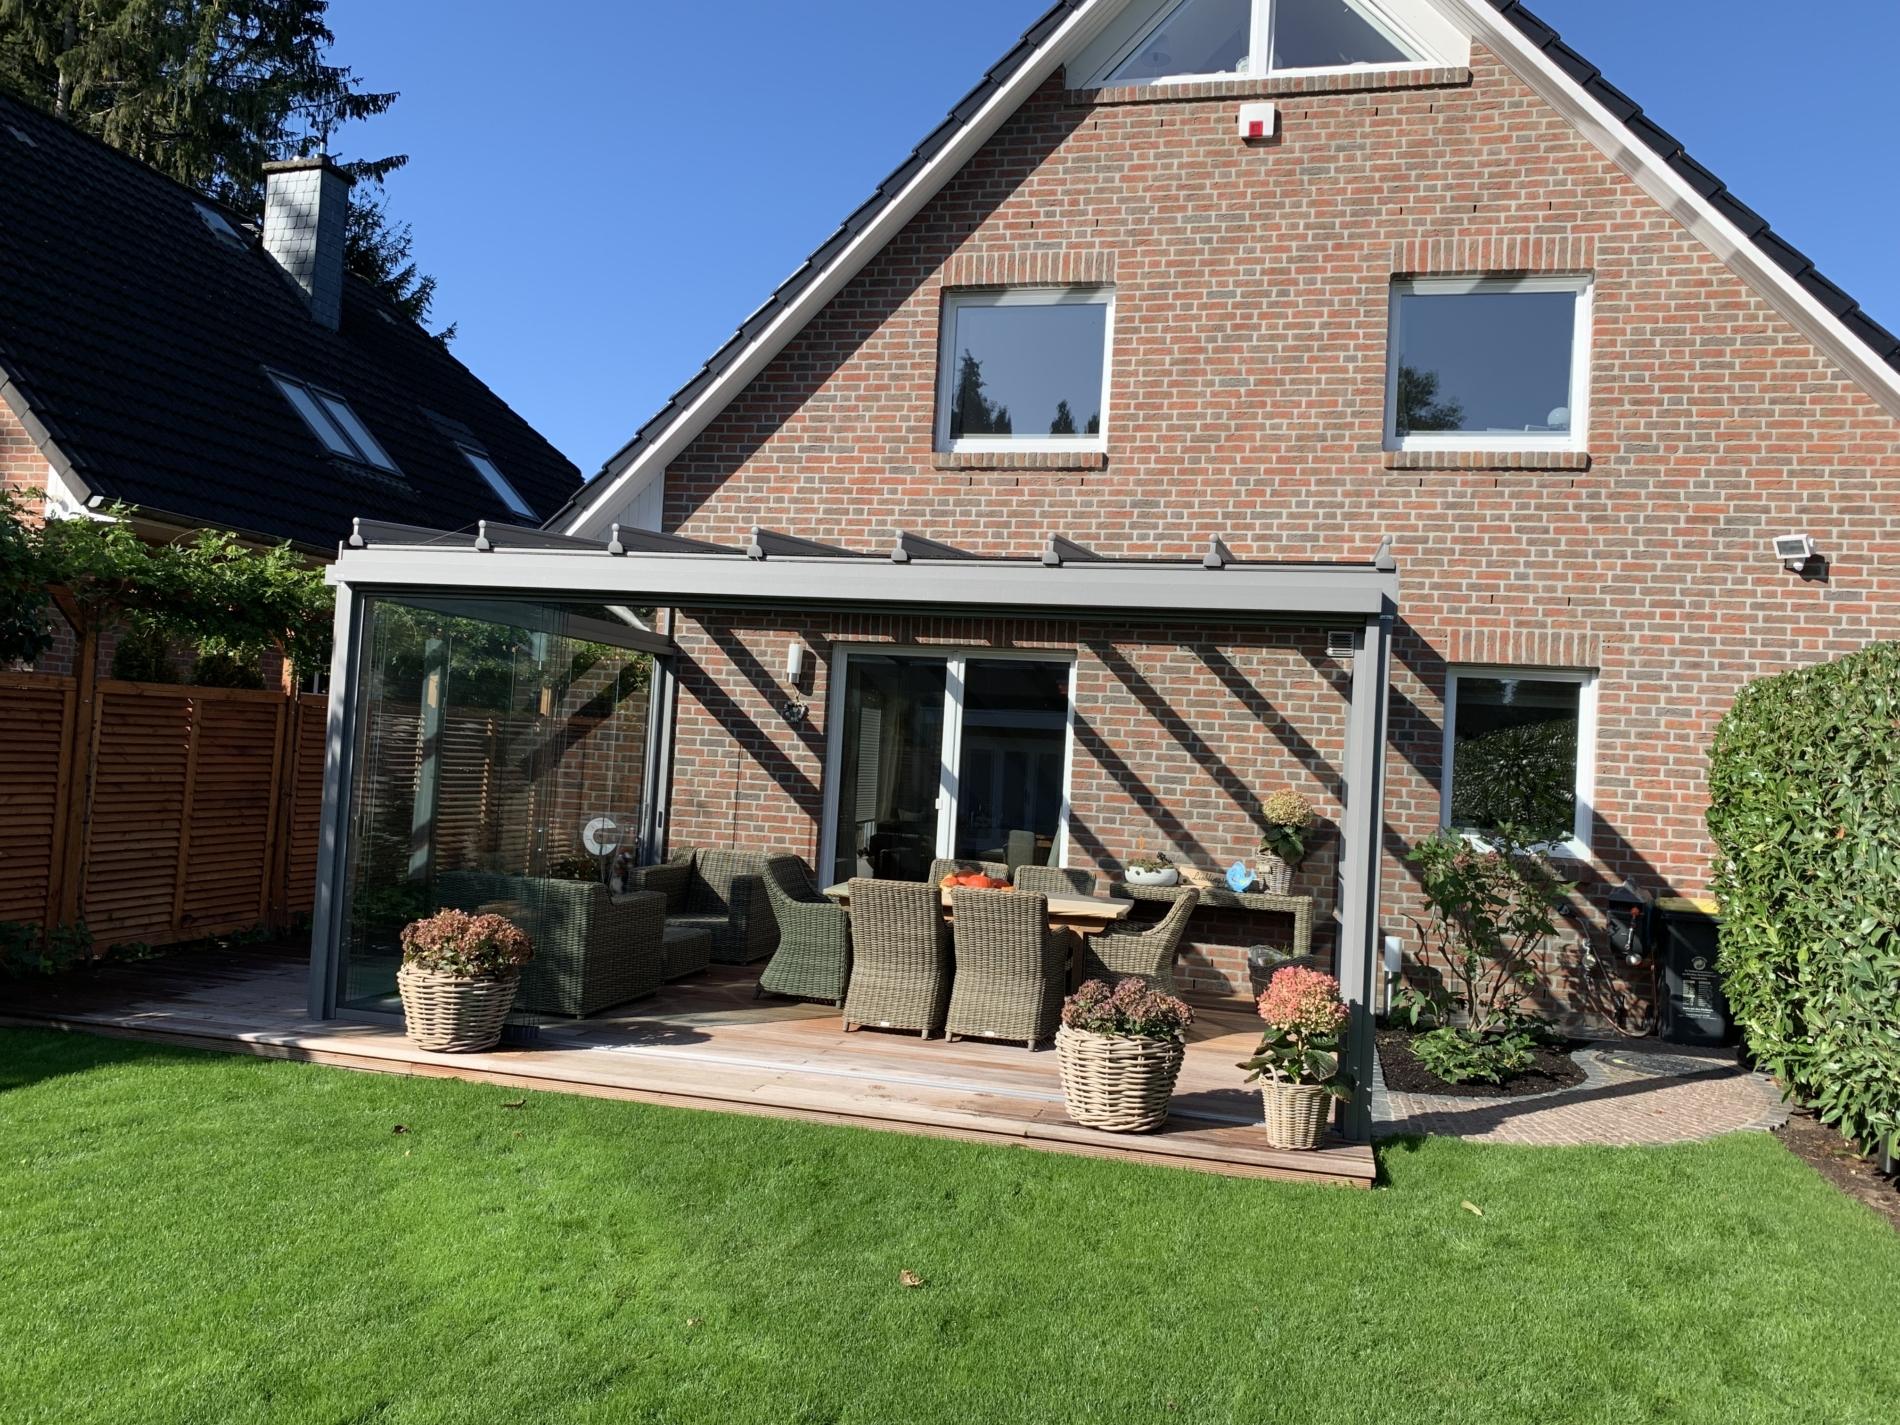 kaltwintergarten aus Alumnium und Glas